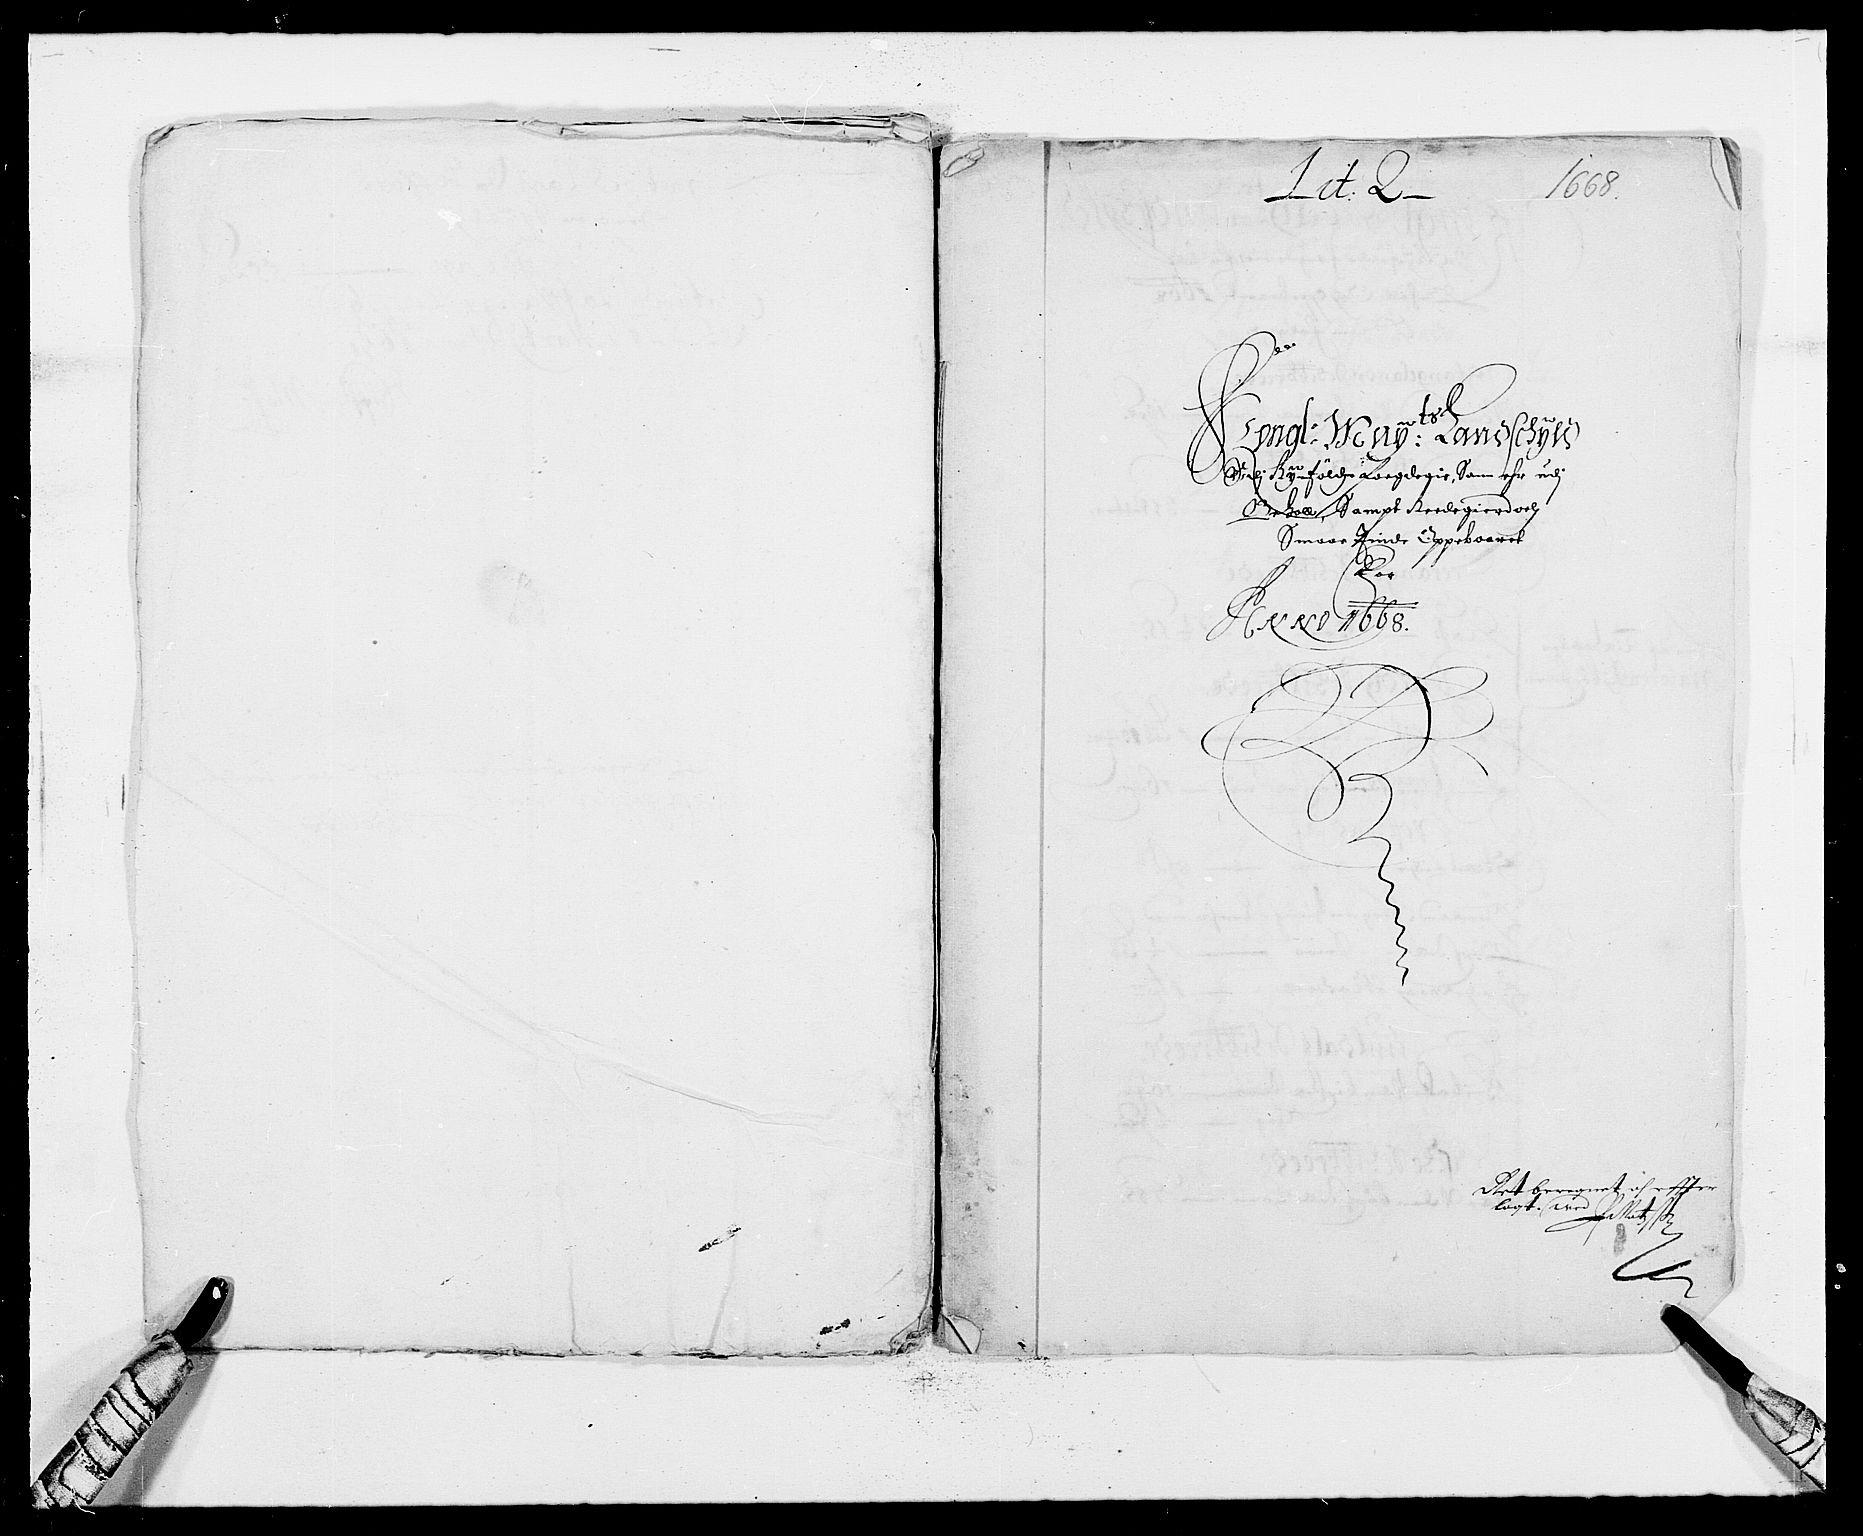 RA, Rentekammeret inntil 1814, Reviderte regnskaper, Fogderegnskap, R47/L2841: Fogderegnskap Ryfylke, 1665-1669, s. 132